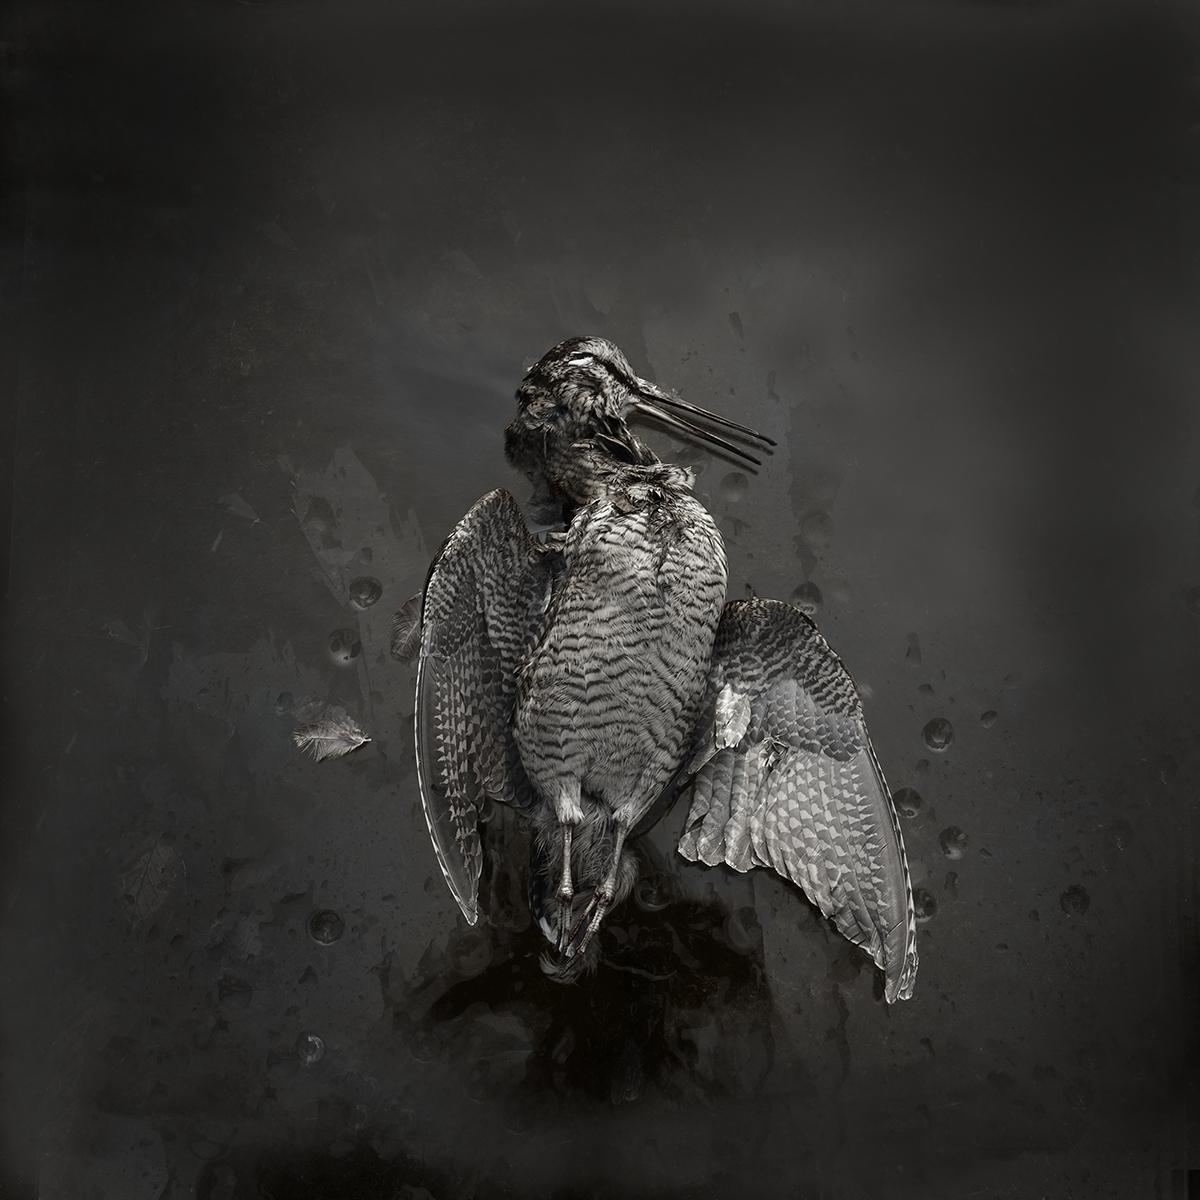 Woodcock no 8